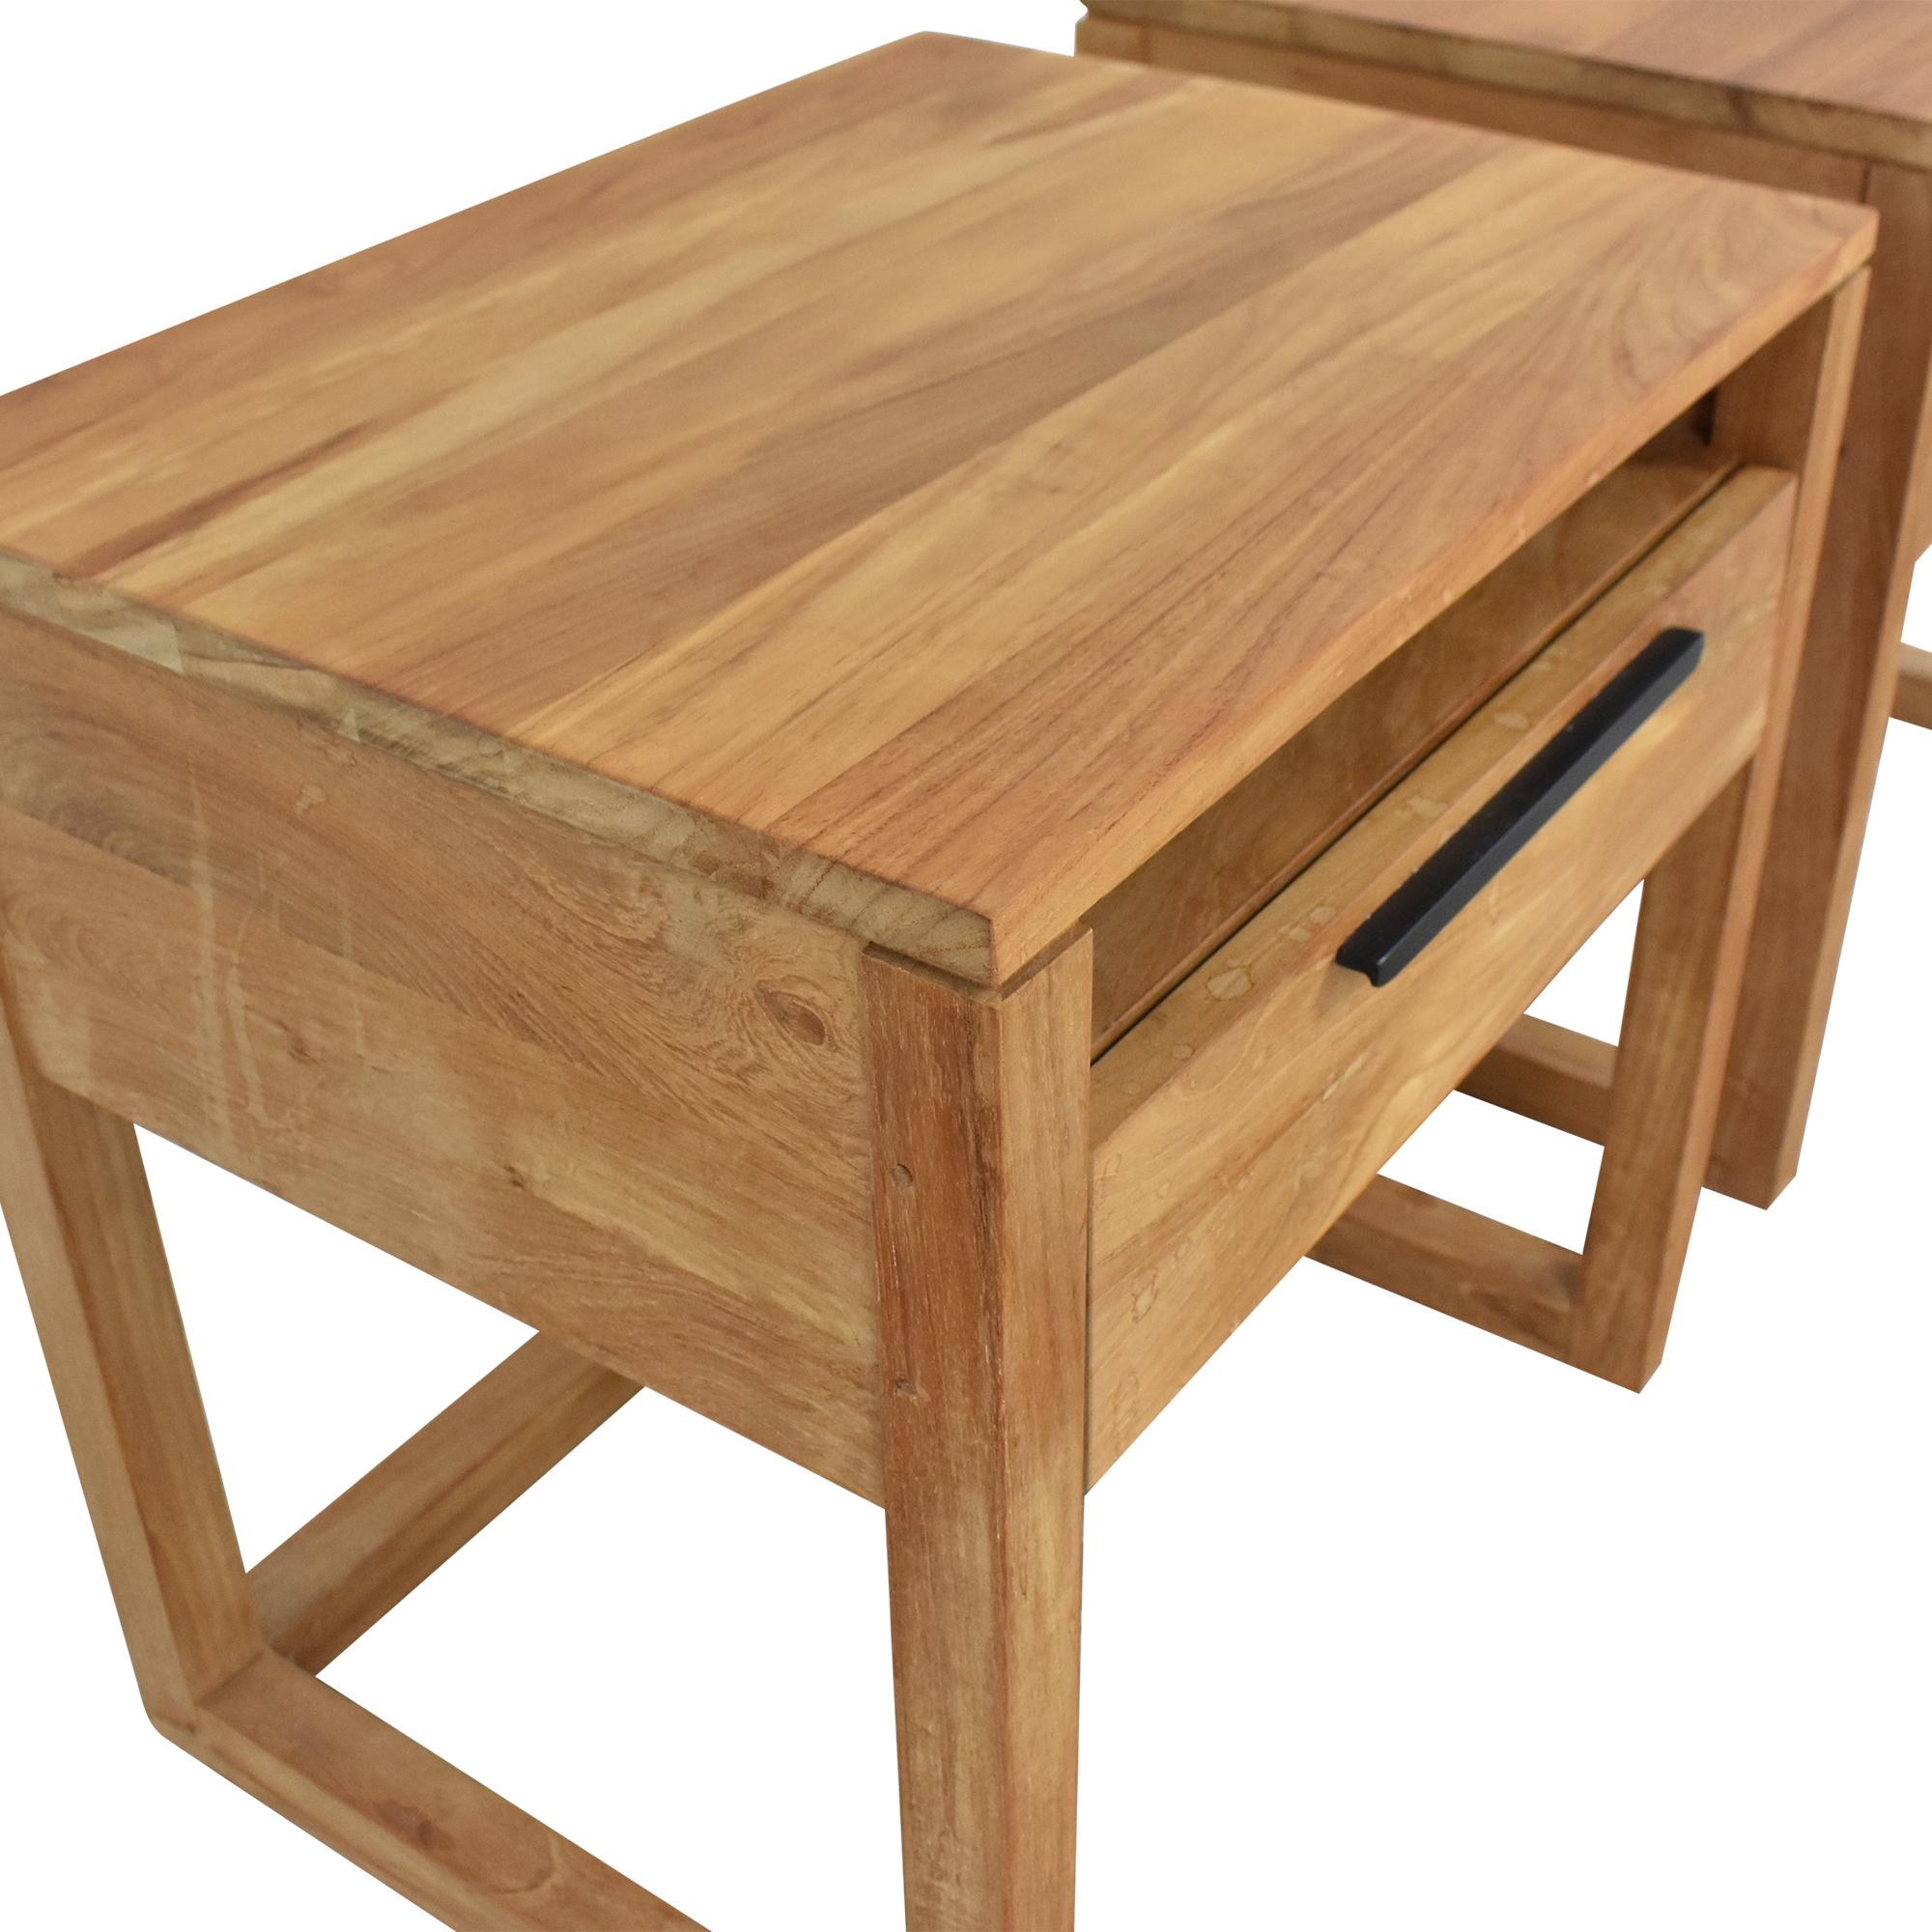 Crate & Barrel Linea II Nightstands / End Tables